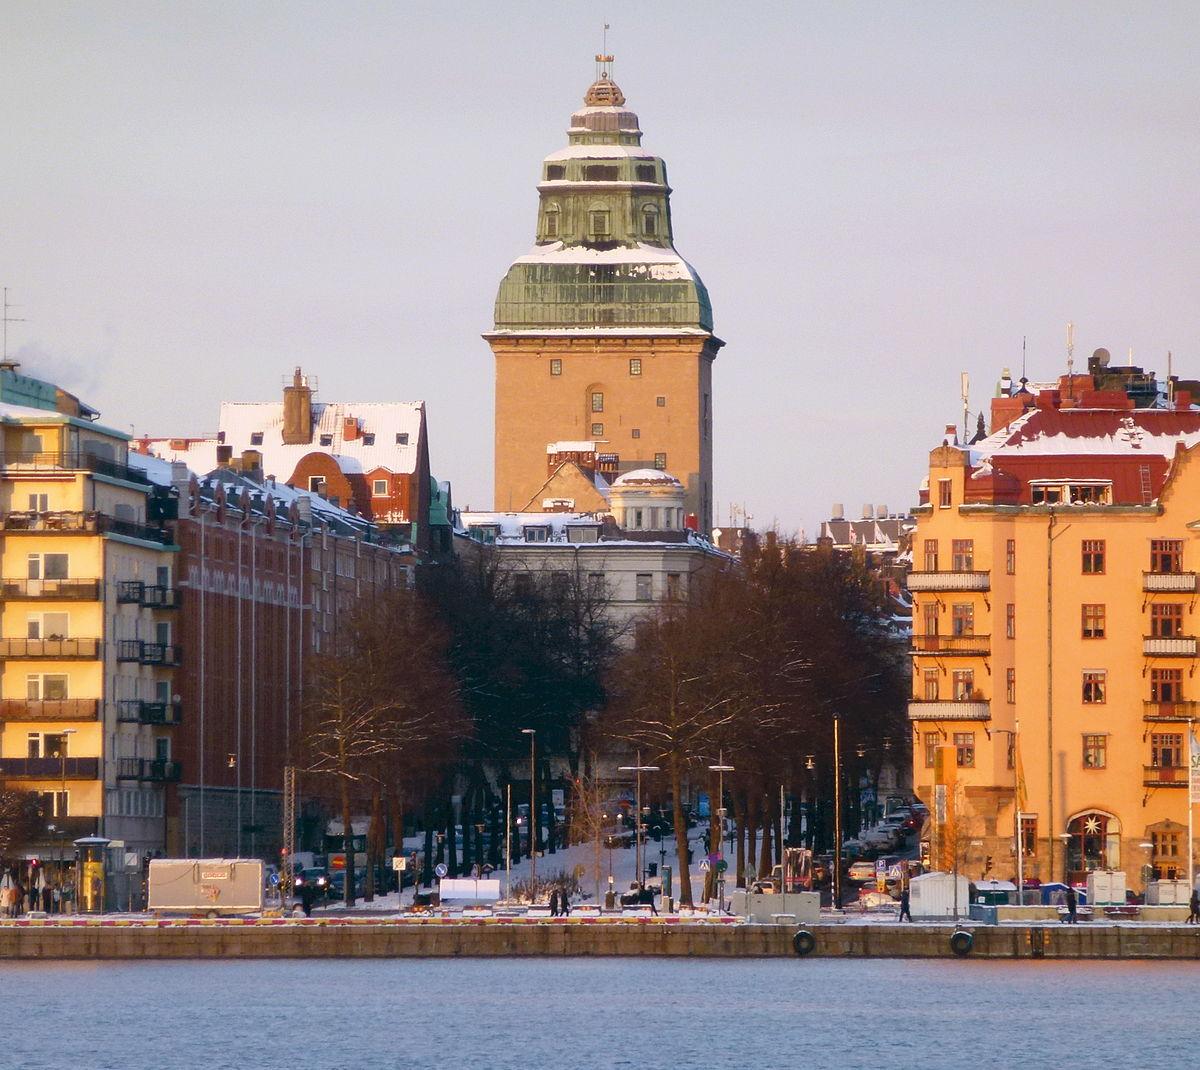 3b7cdd48880d Stockholms rådhus – Wikipedia